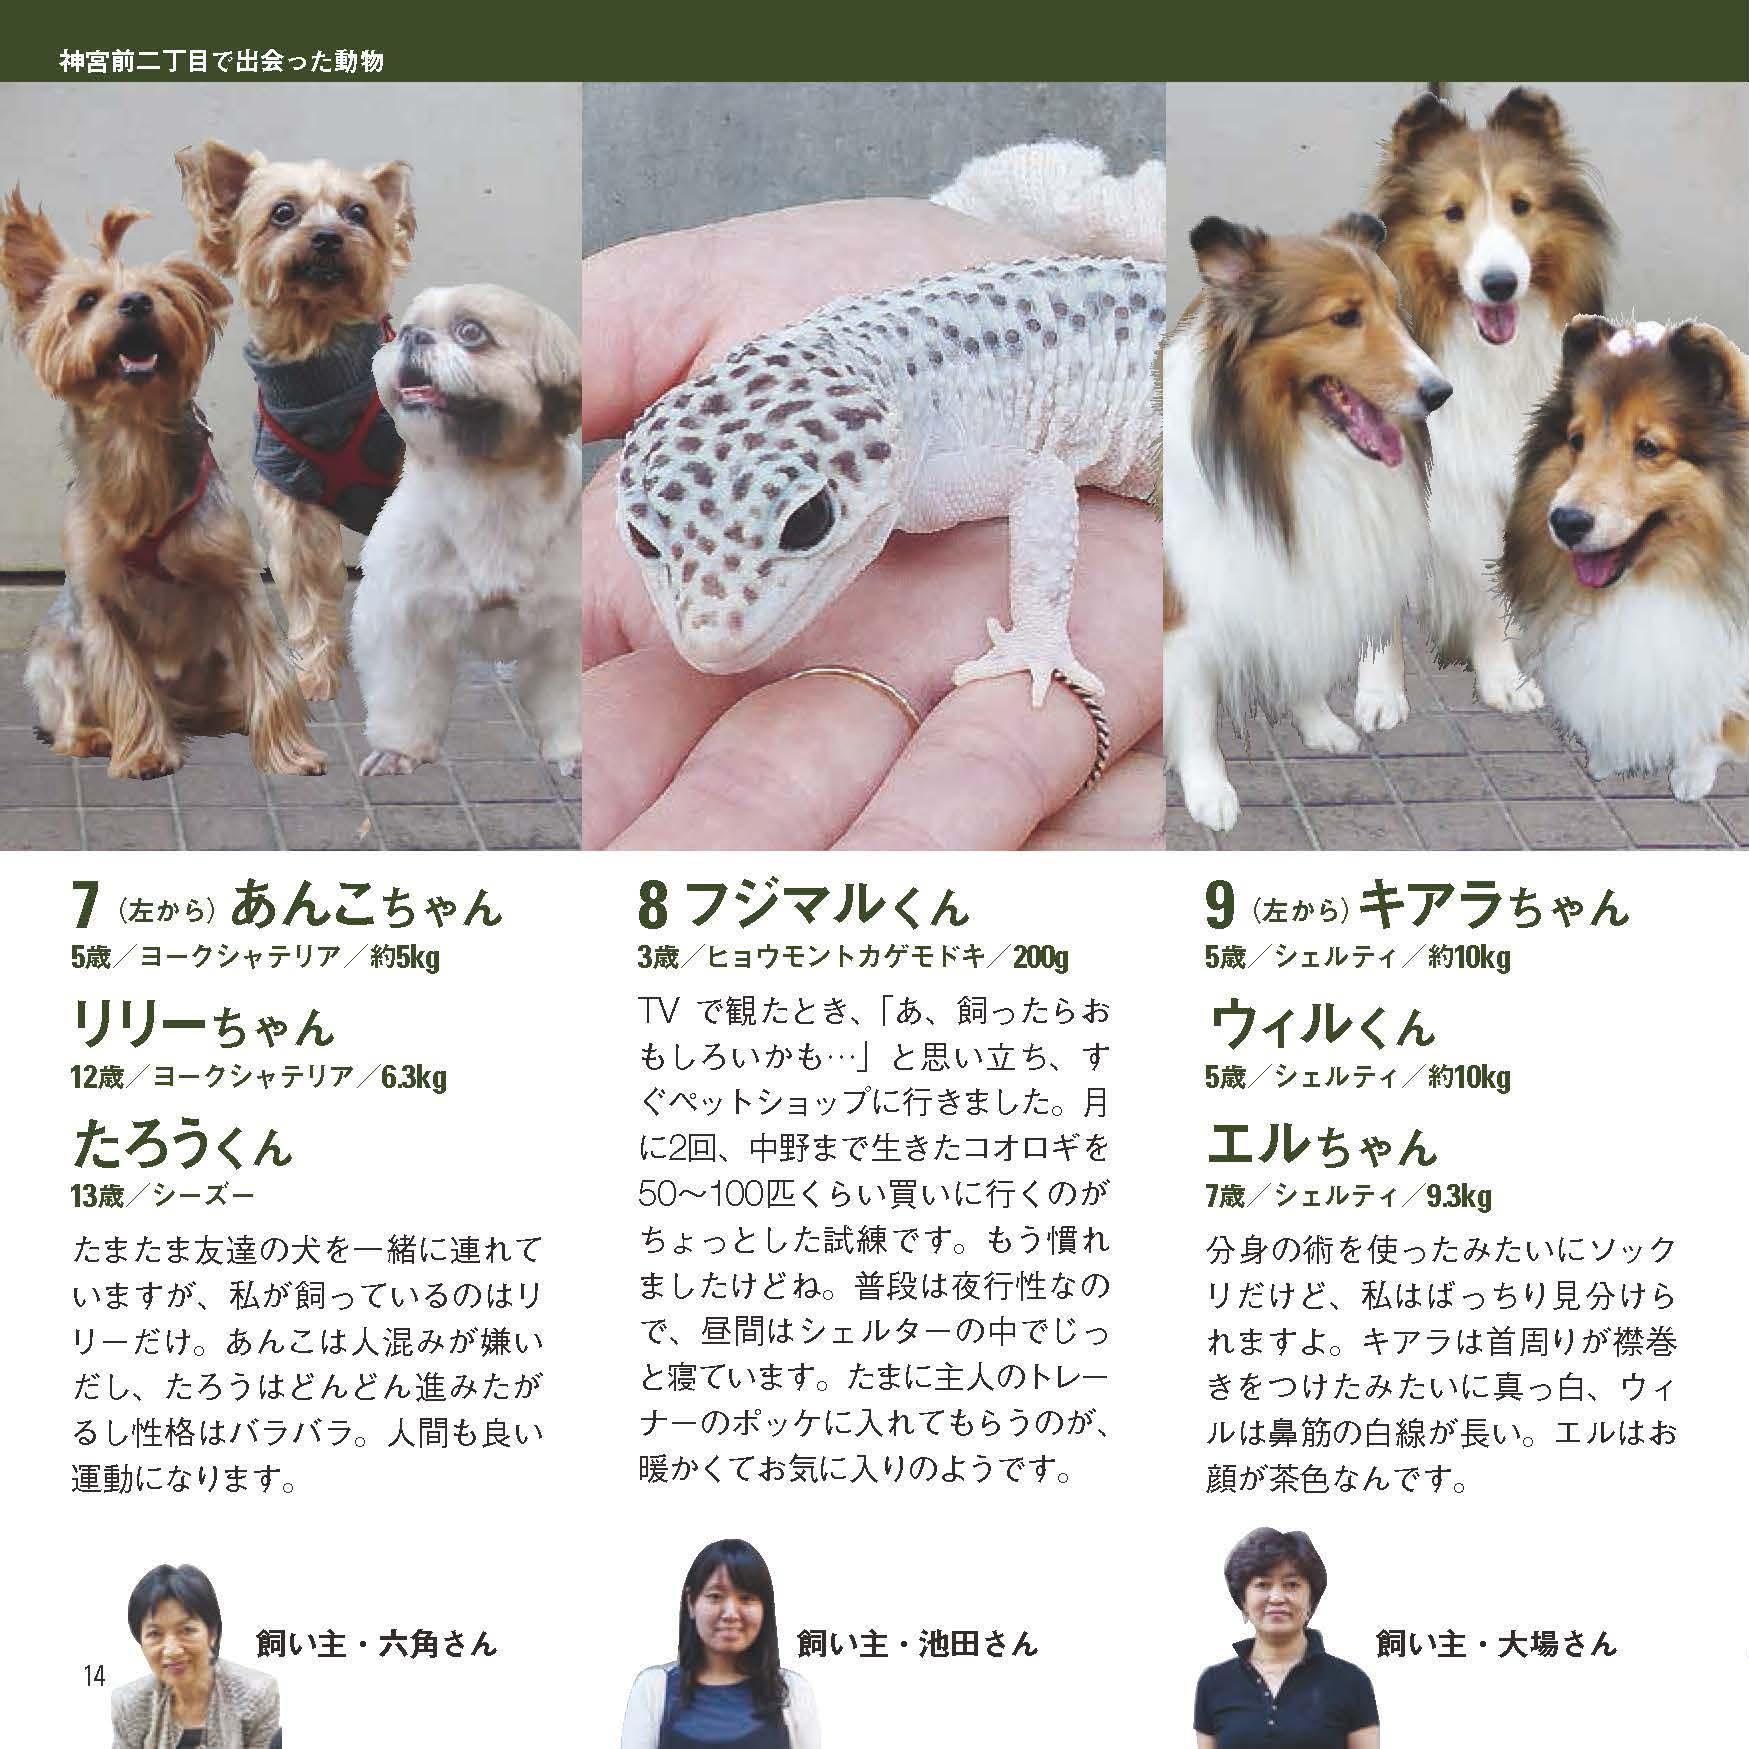 8.神2新聞_第4号_動物2